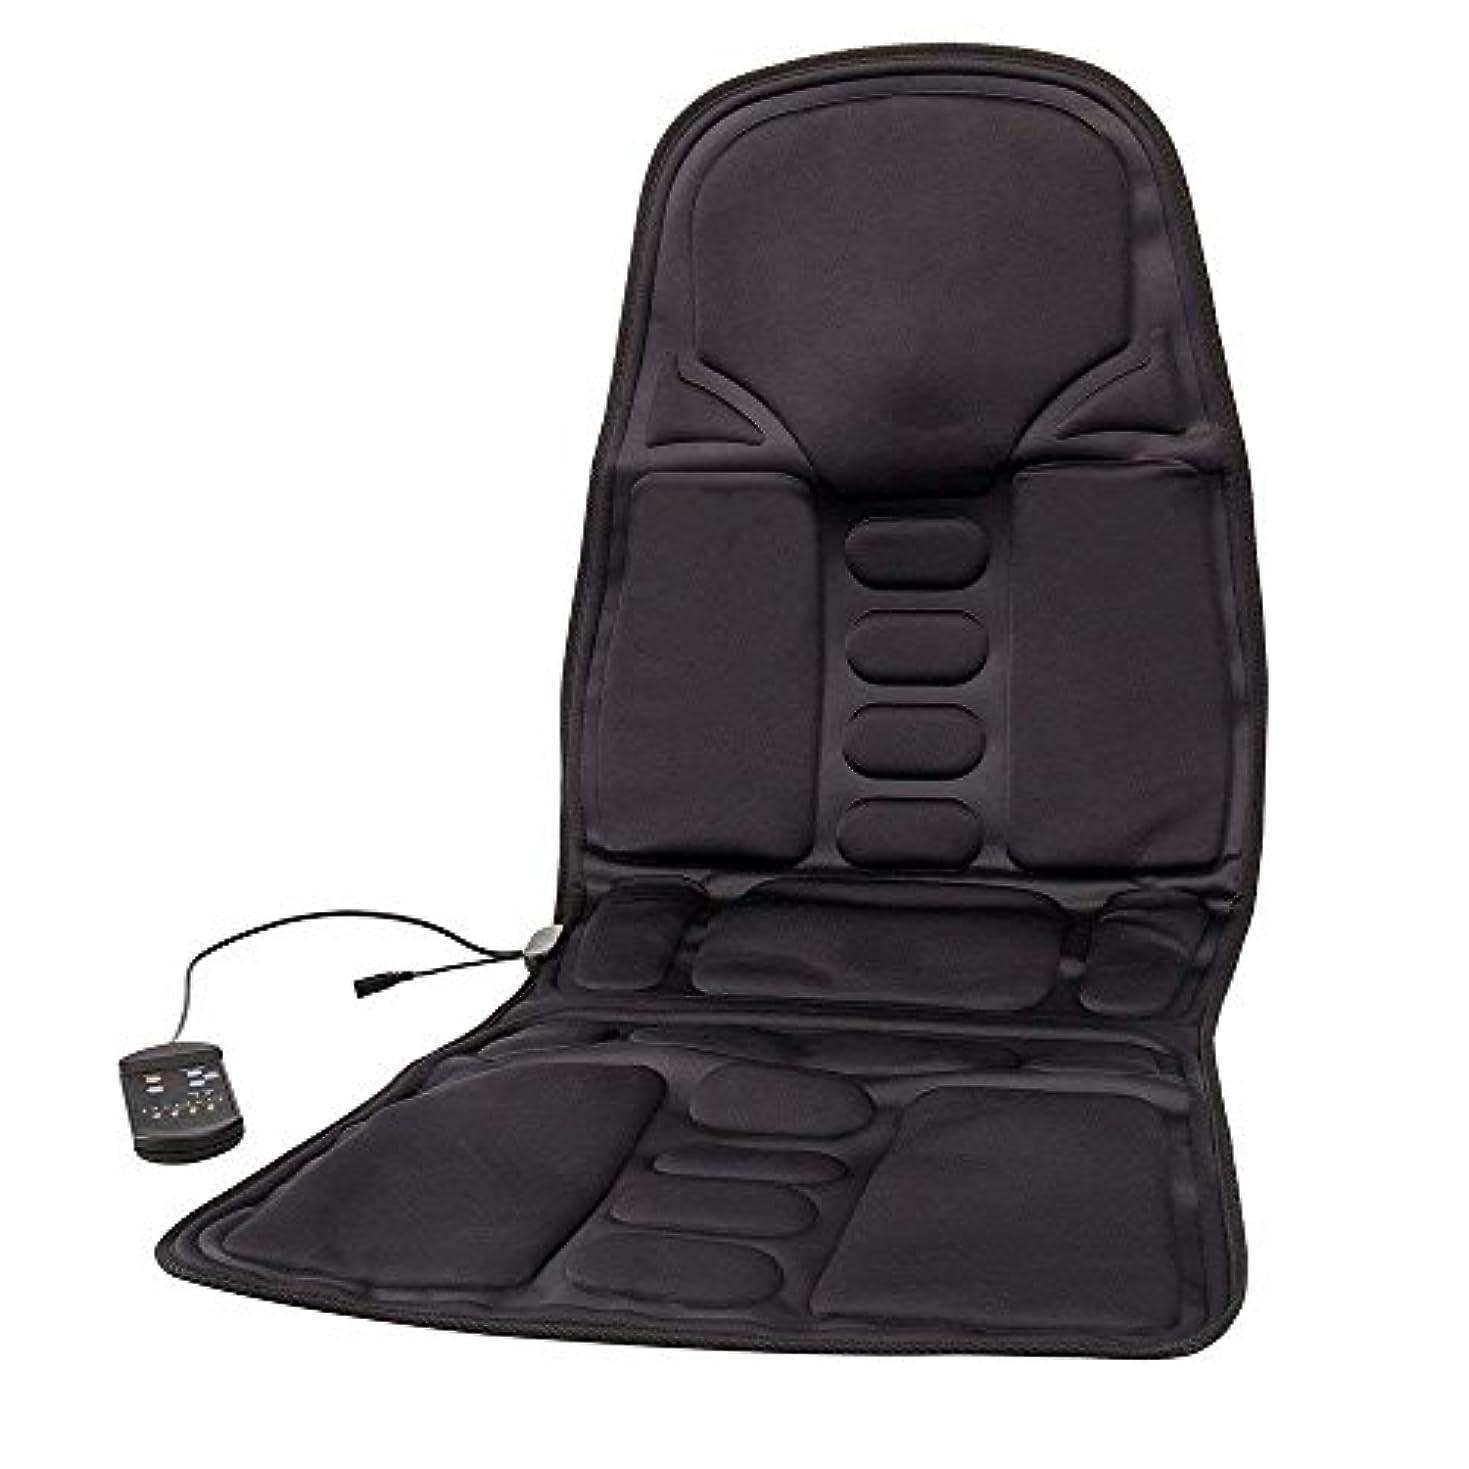 関数スワップ切手Bestjunly マッサージシート 車 カーシート 12V 黒 8段階マッサージモードフリー交換 座席ヒートクッション ヒーター搭載 高品質 ブラック